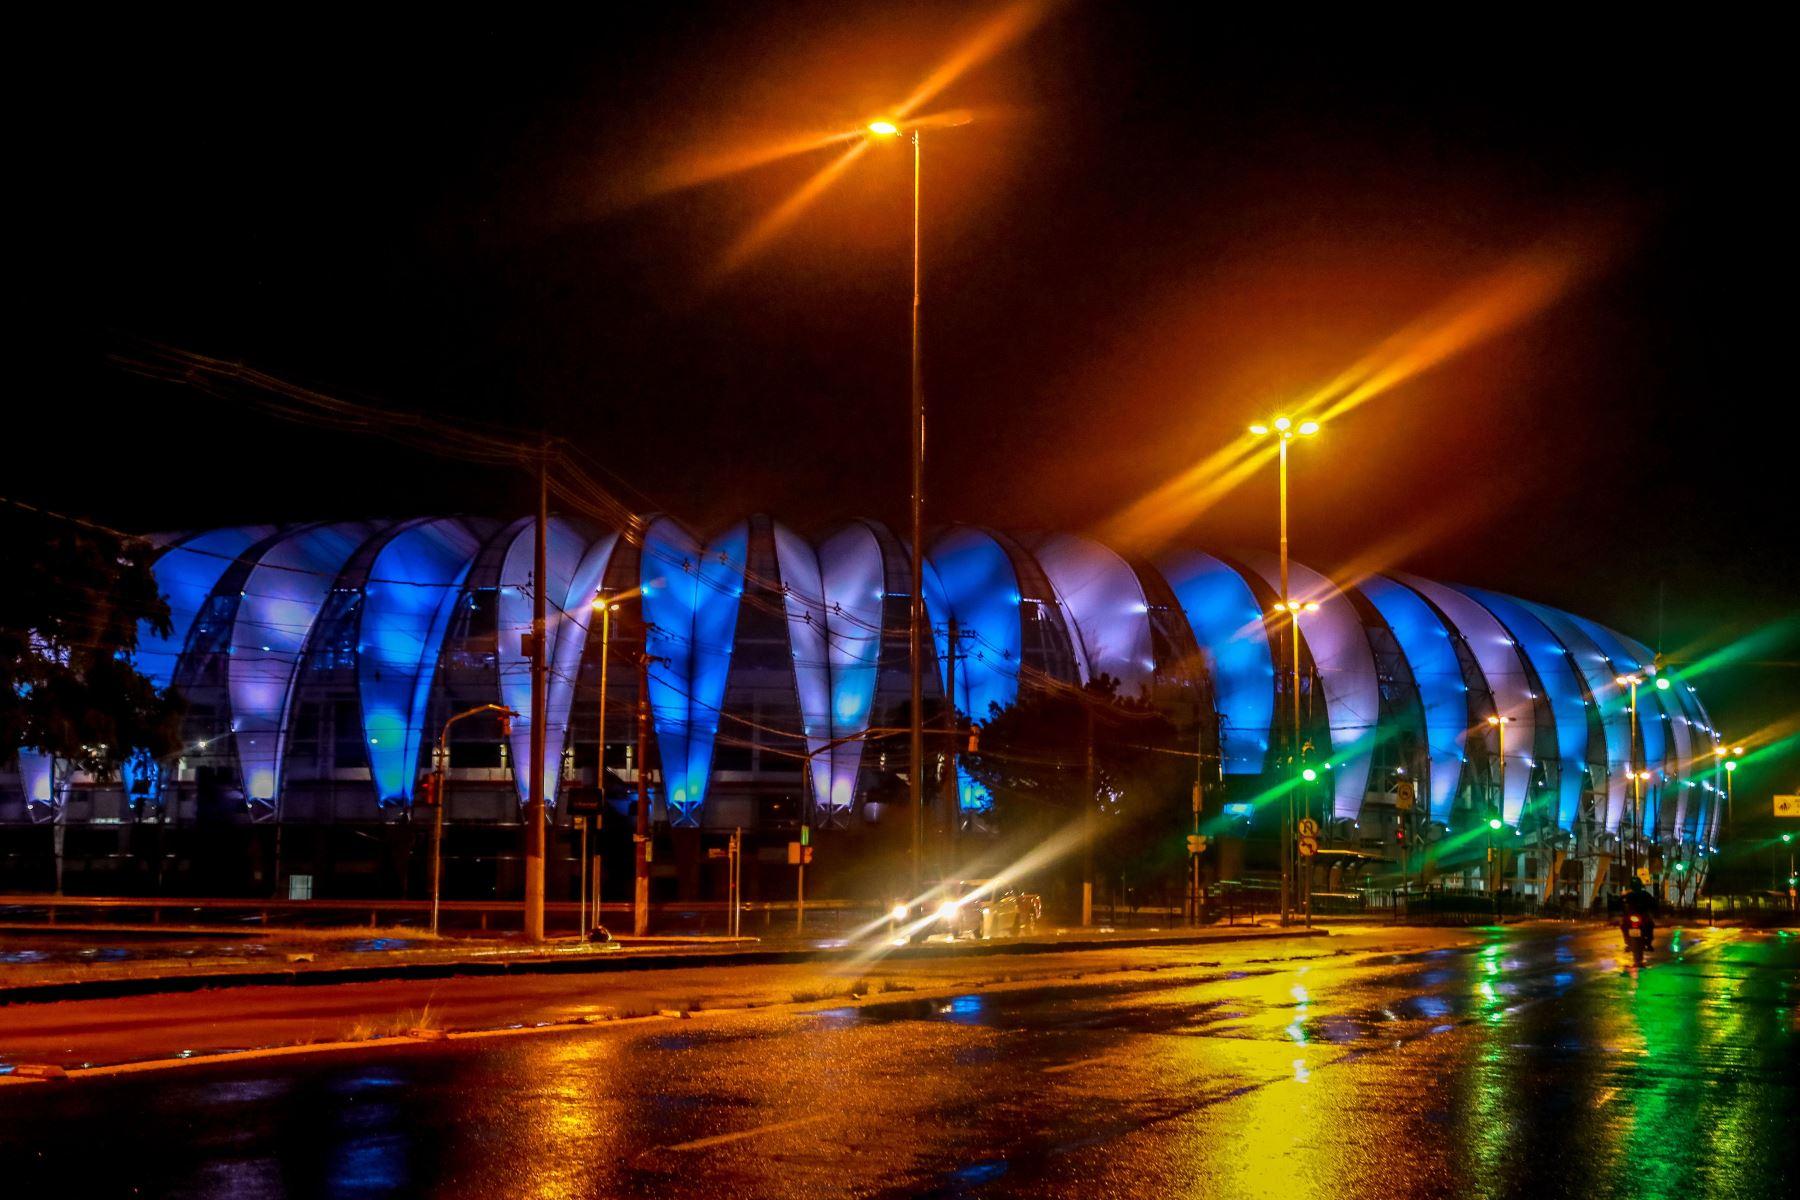 Estadio del Club Internacional en homenaje a Diego Armando Maradona en Porto Alegre, Brasil. Foto: AFP